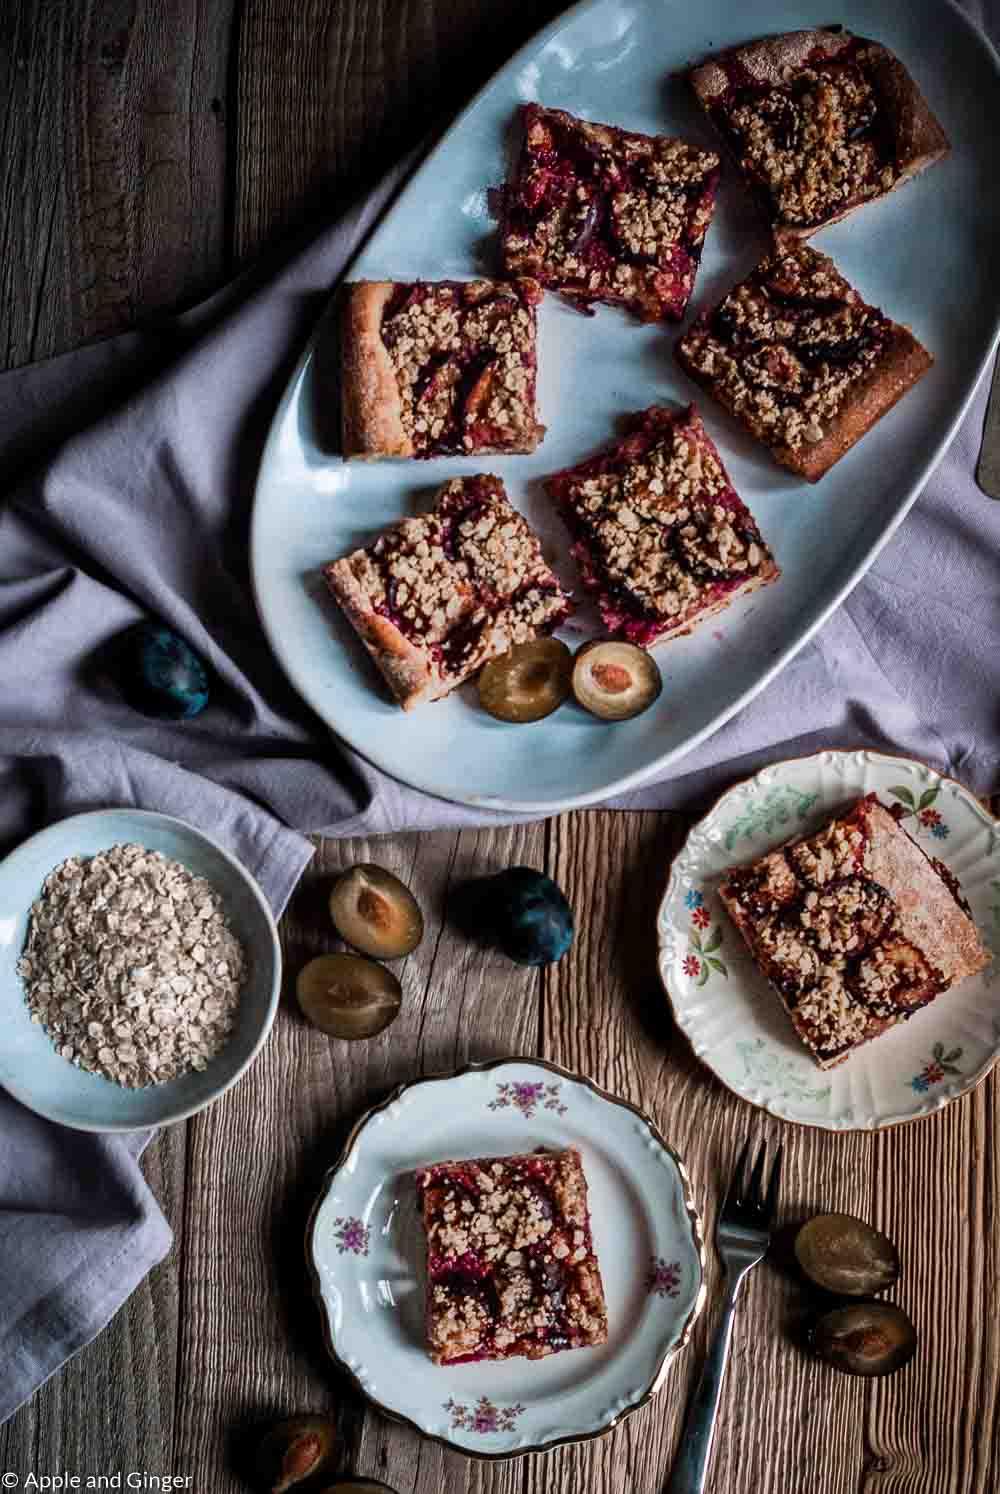 Pflaumen-Streuselkuchen auf einem Tisch